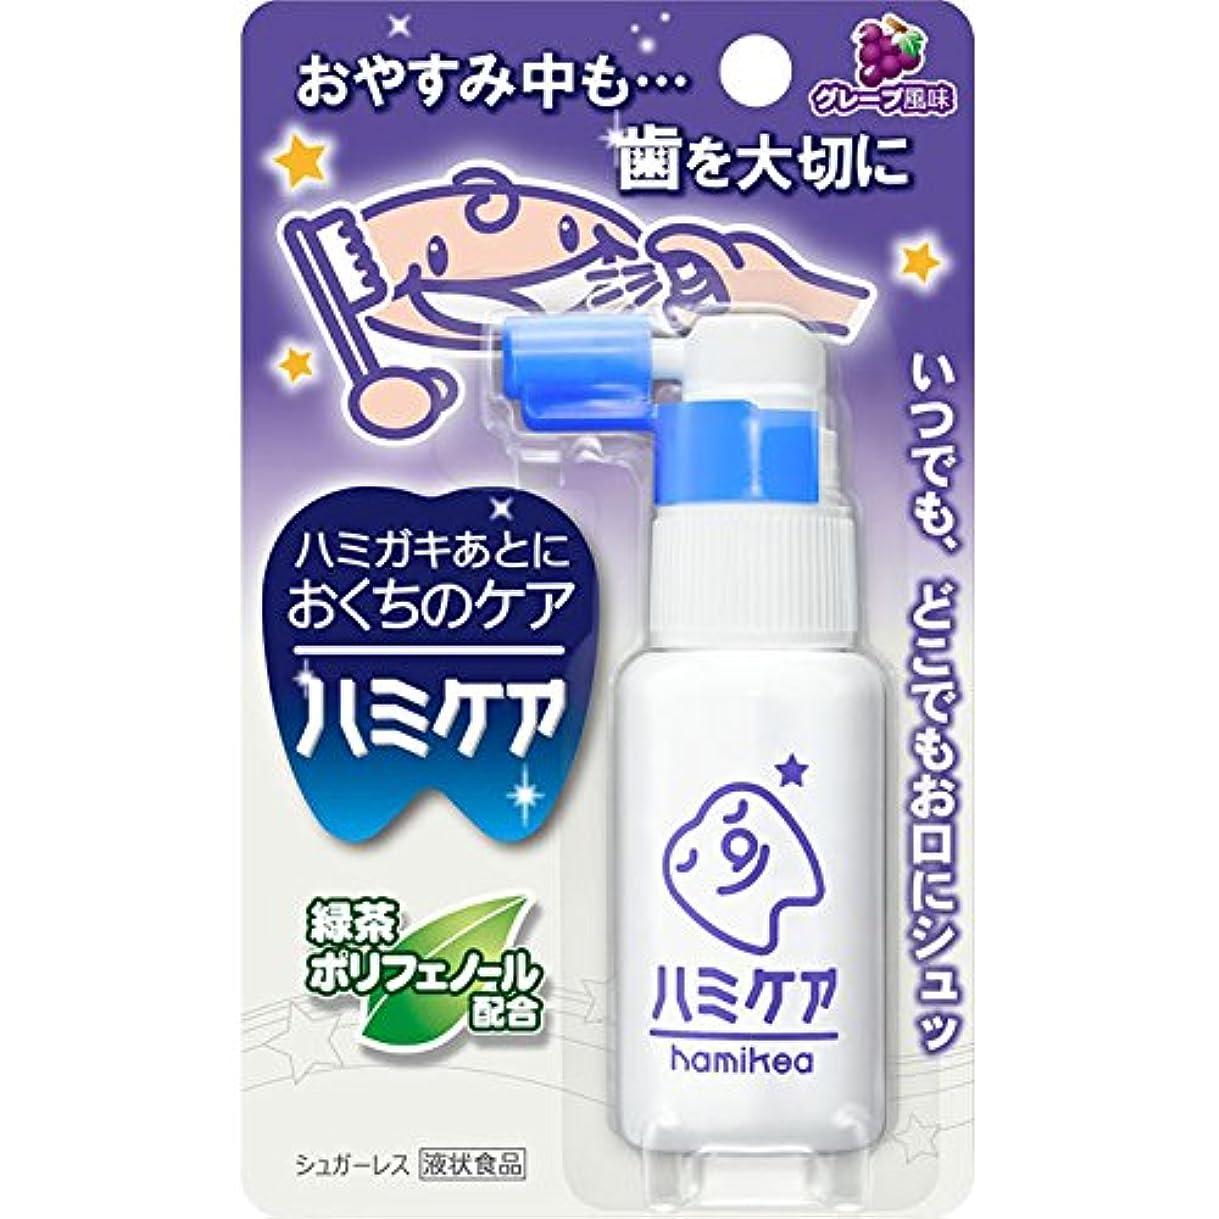 バイバイライトニング魔術丹平製薬 ハミケア グレープ風味 25g